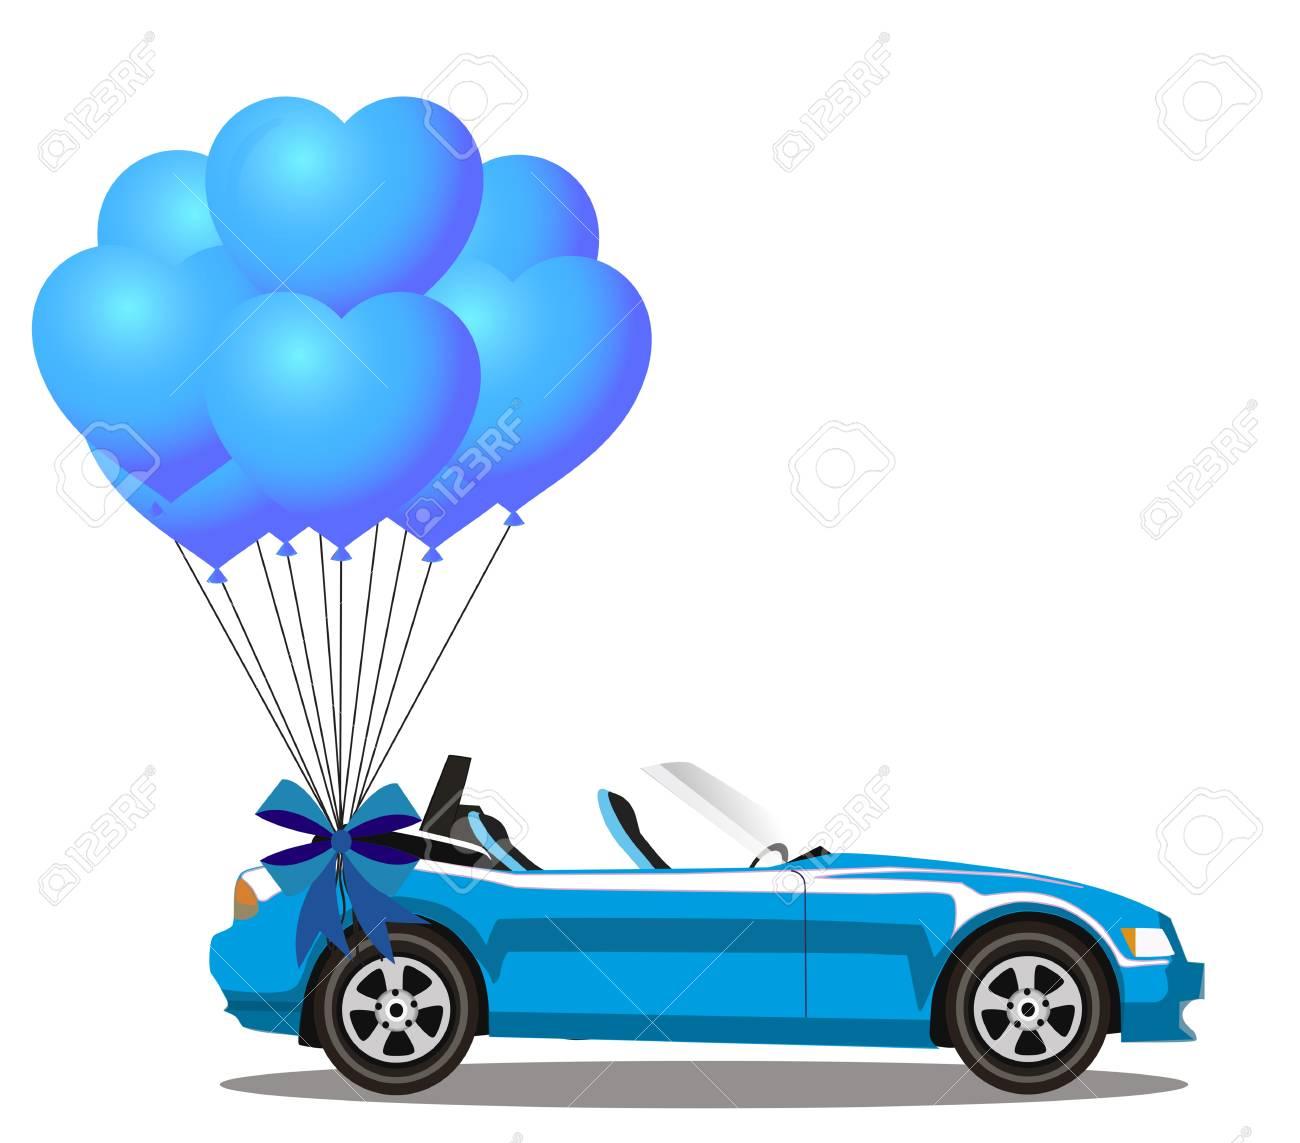 O Carro Aberto Moderno Azul Do Cabriolet Dos Desenhos Animados Com Grupo Do Coracao Azul Do Helio Deu Forma A Baloes Com A Fita Festiva Isolada No Fundo Branco Carro Esportivo Ilustracao